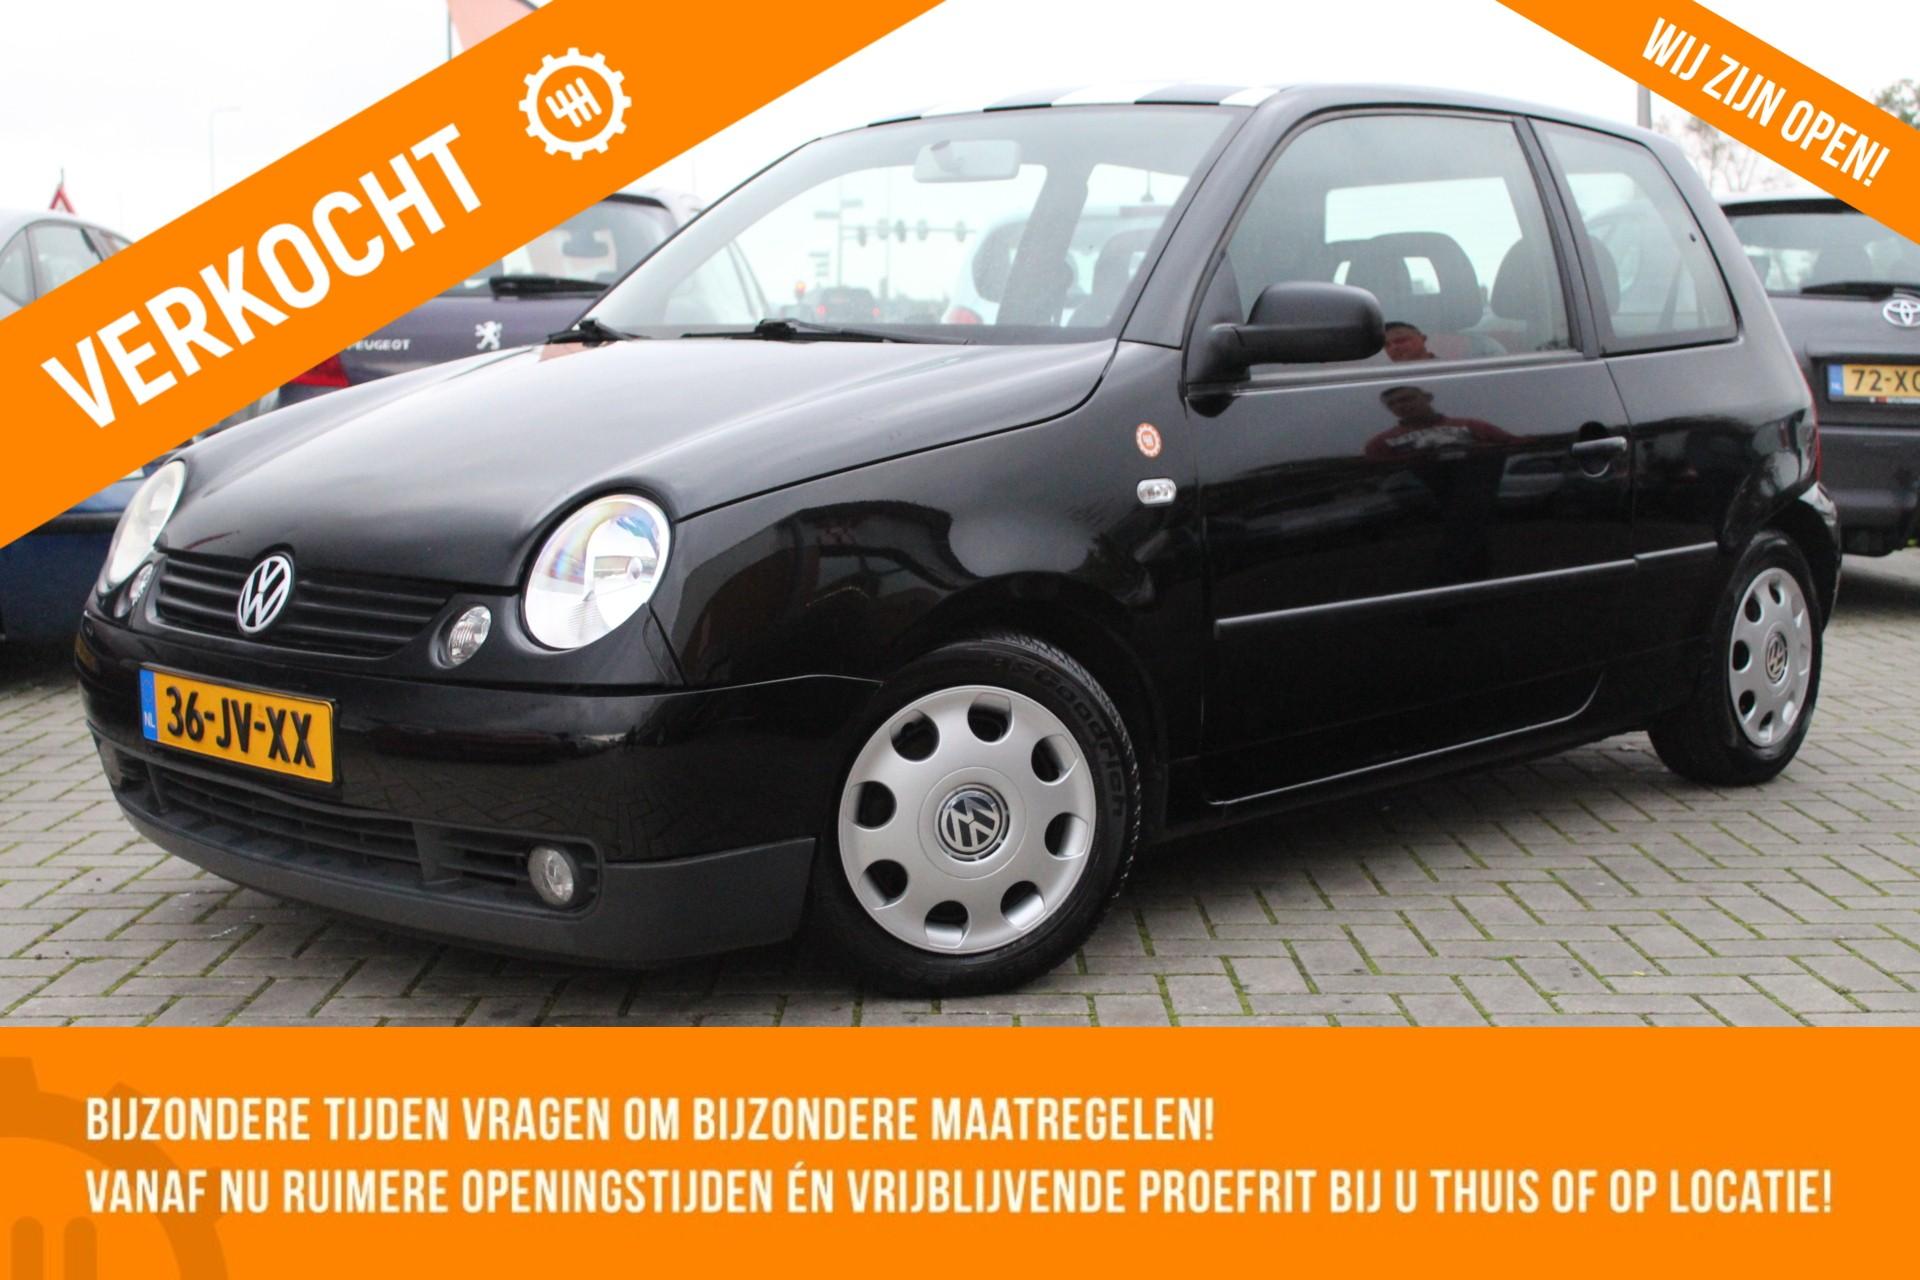 Caroutlet Groningen - Volkswagen Lupo 1.4   SPORTIEF   05-2020 APK   STUURBEKR